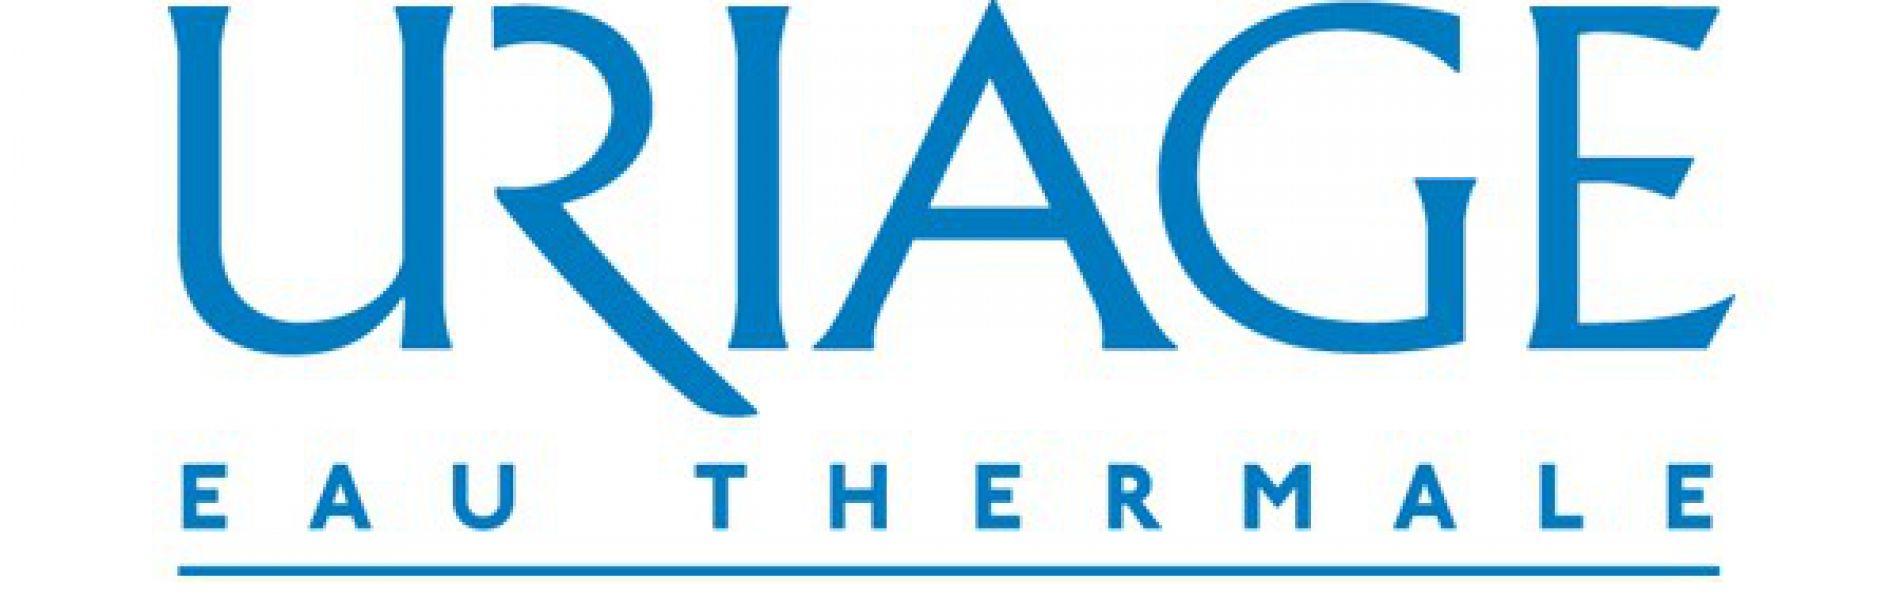 Uriage laboratoire dermatologique Eau thermale uriage